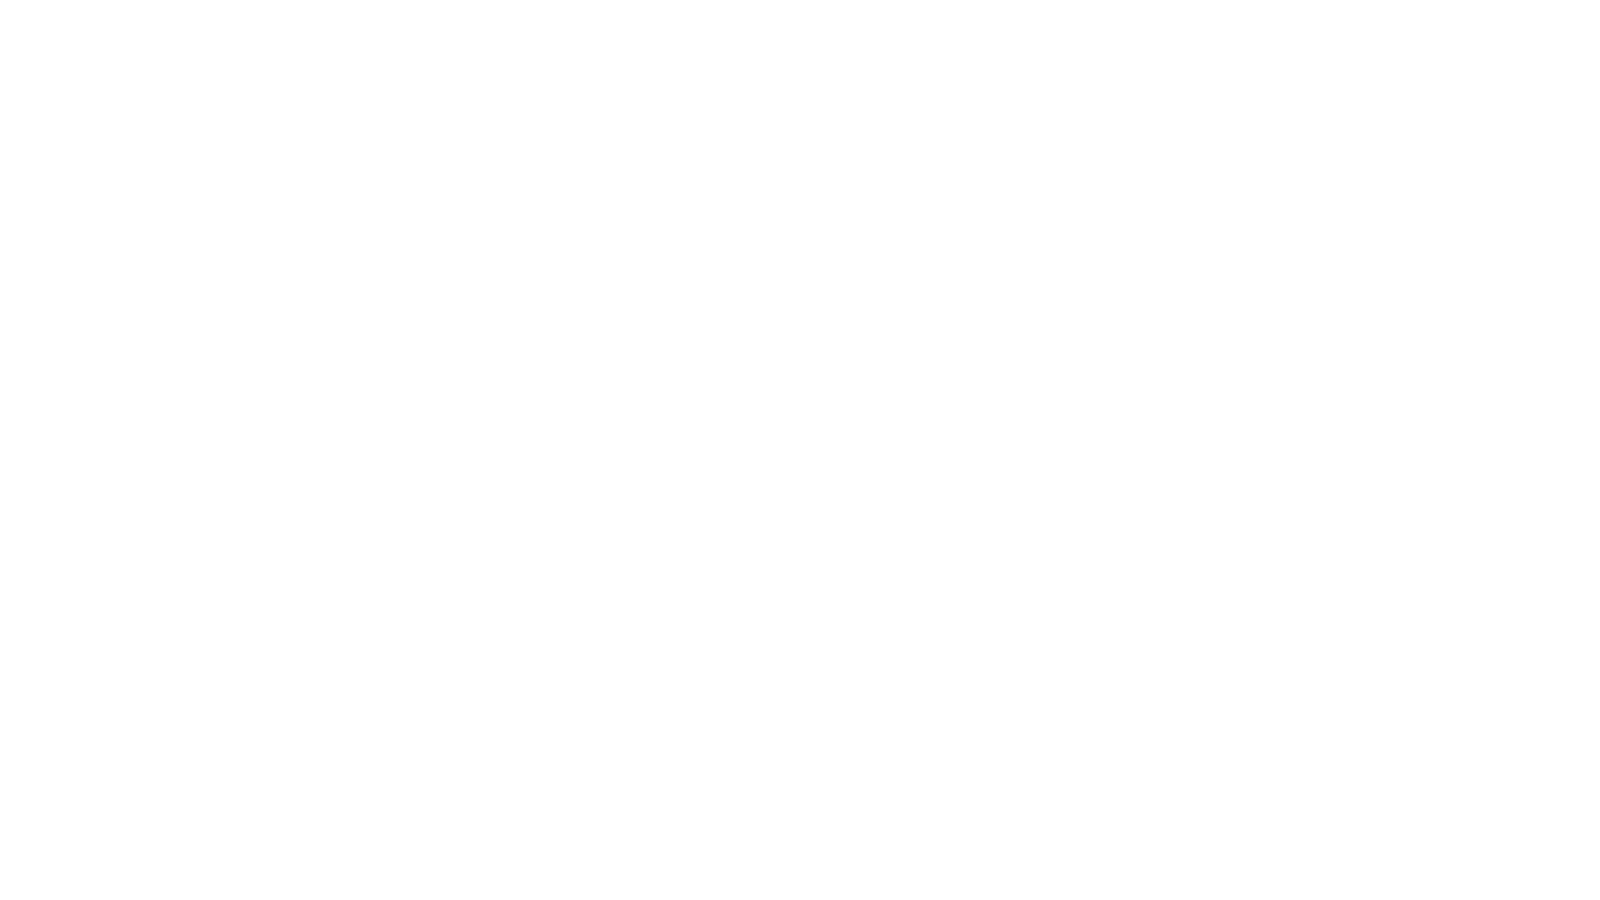 Joan Baba  Novi duhovni most: Novi Sad - Temišvar  Učestvovali su: Joan Baba - priređivač Vladimir Kopicl, Olena Plančak Sakač, Miroslav Aleksić, Jelena Marićević Balać - autori